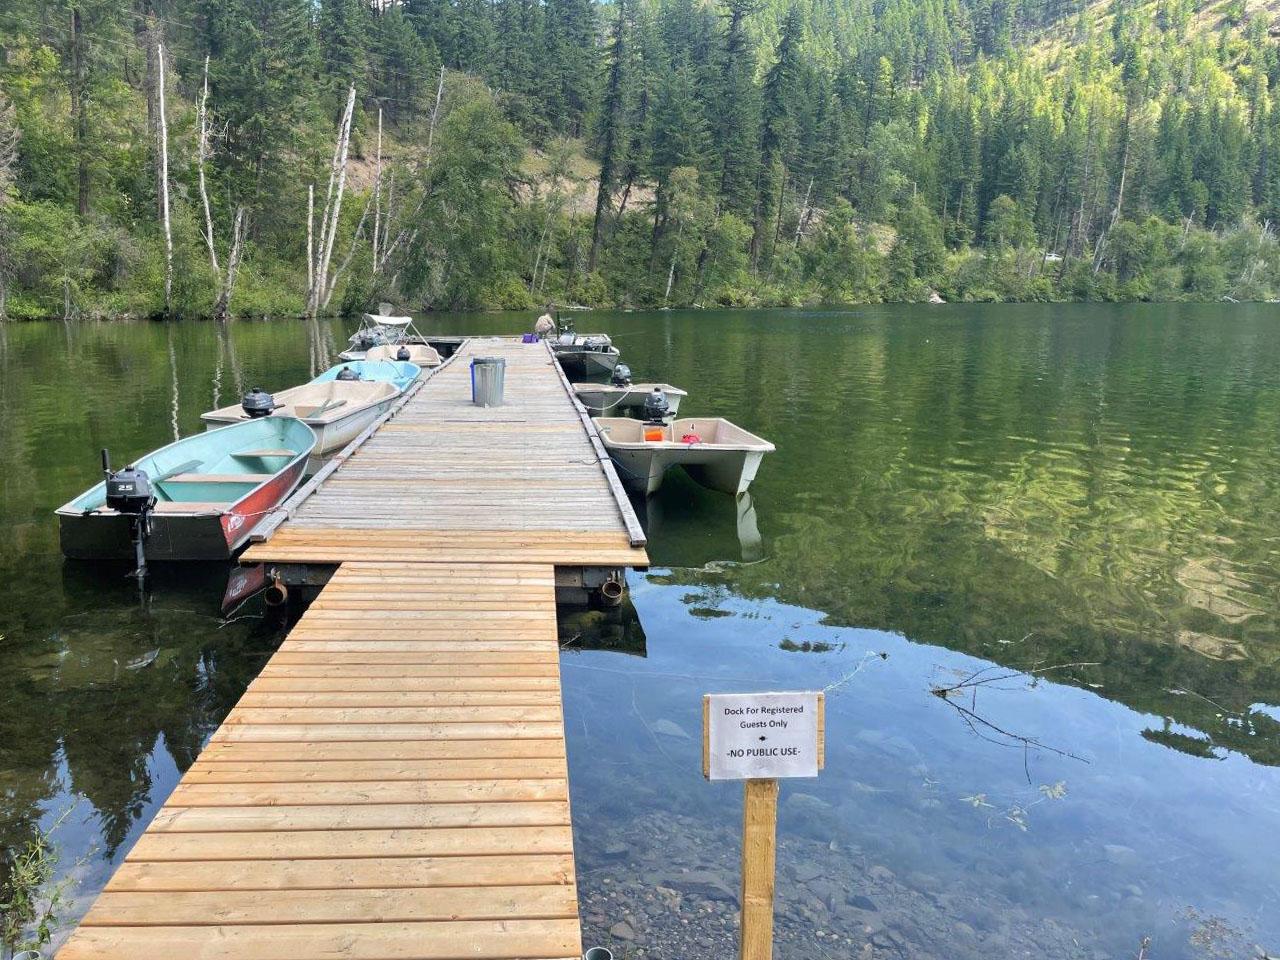 Echo lake resort 15